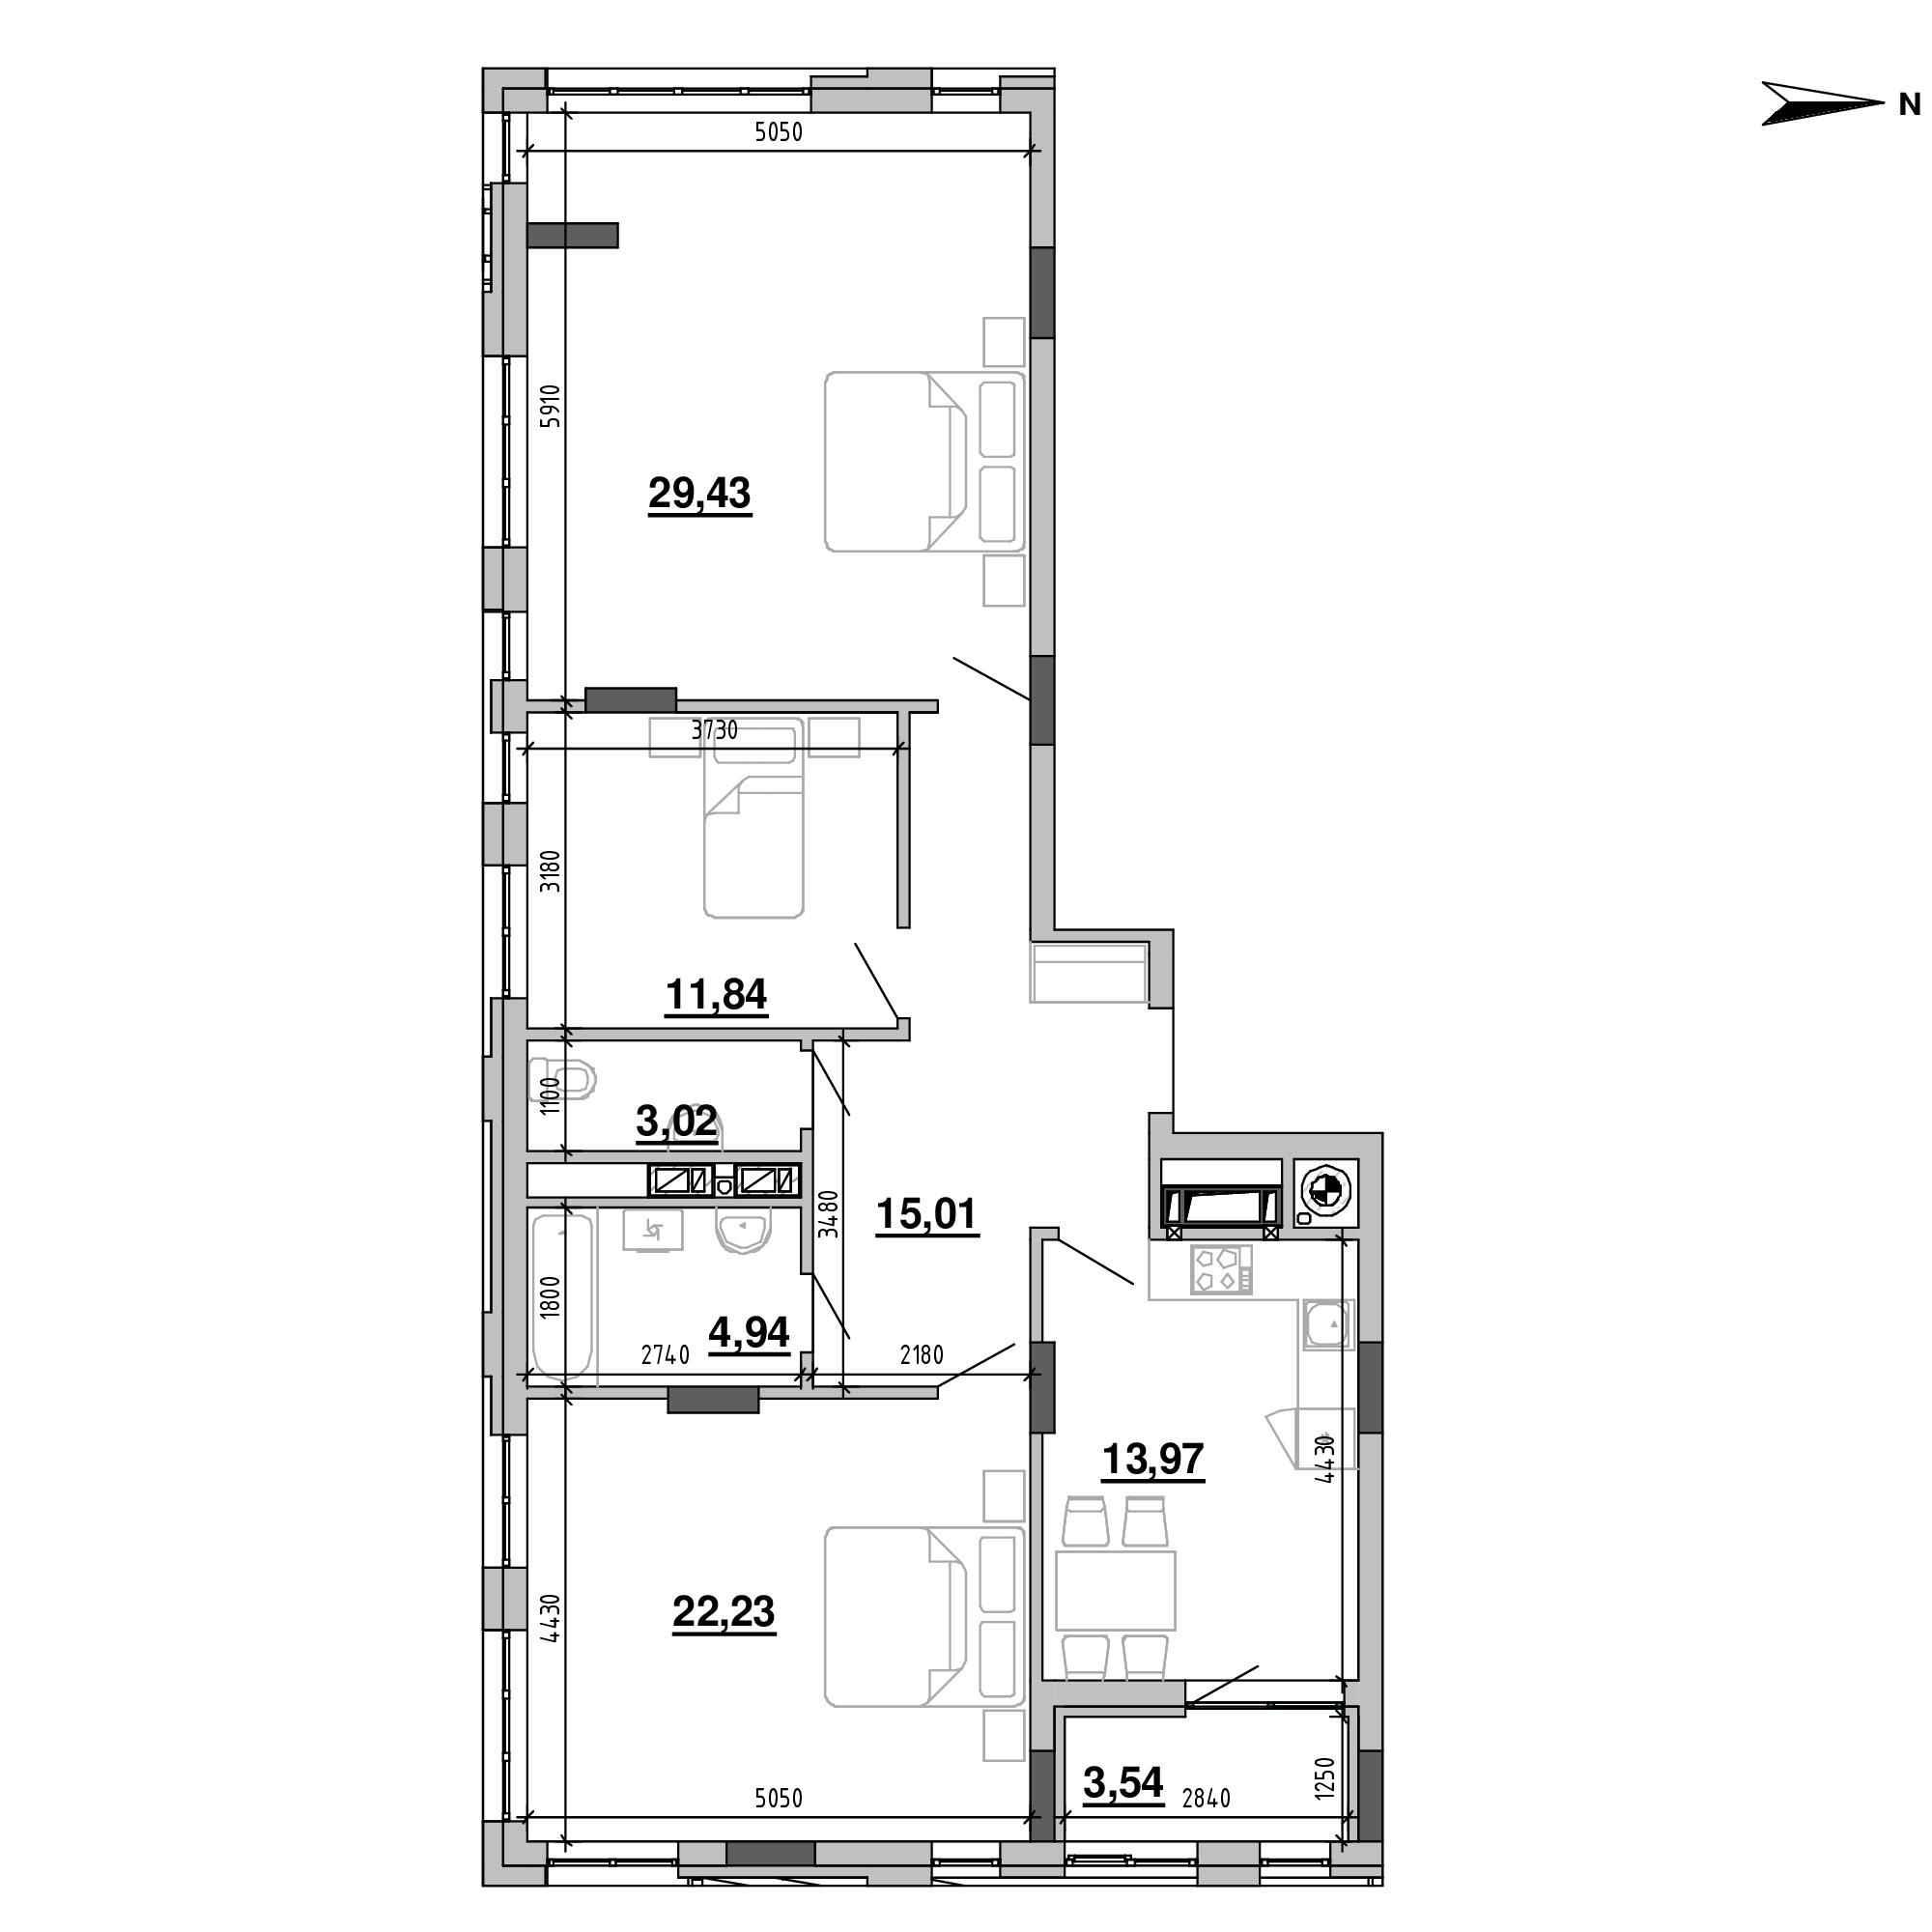 ЖК Підзамче. Вежа: планування 3-кімнатної квартири, №46, 103.98 м<sup>2</sup>